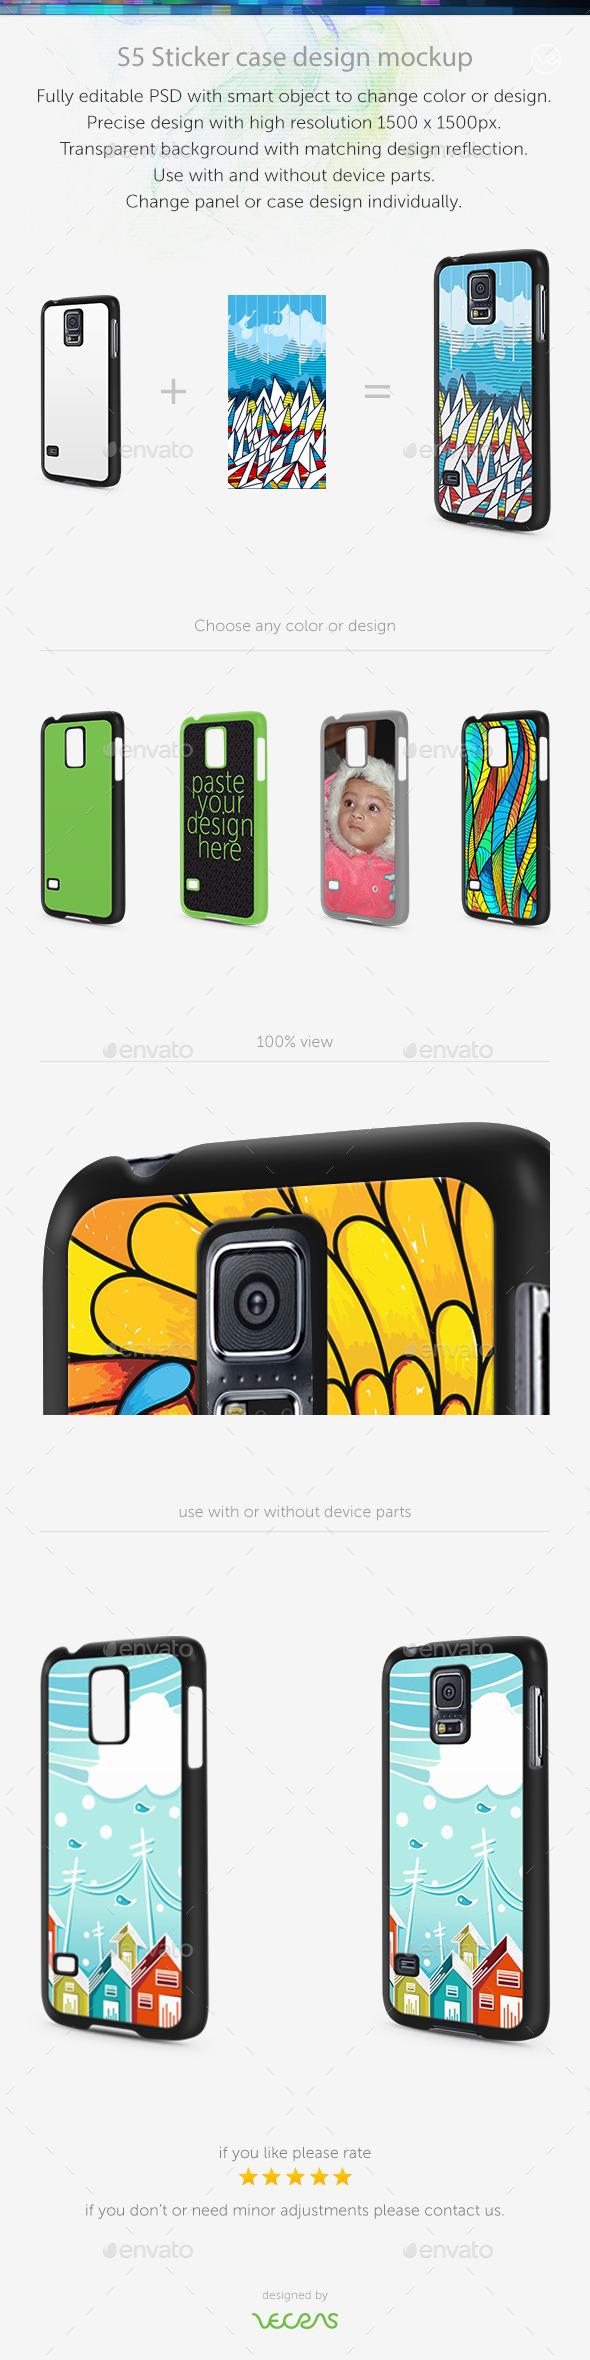 S5 Sticker Case Design Mockup - Mobile Displays